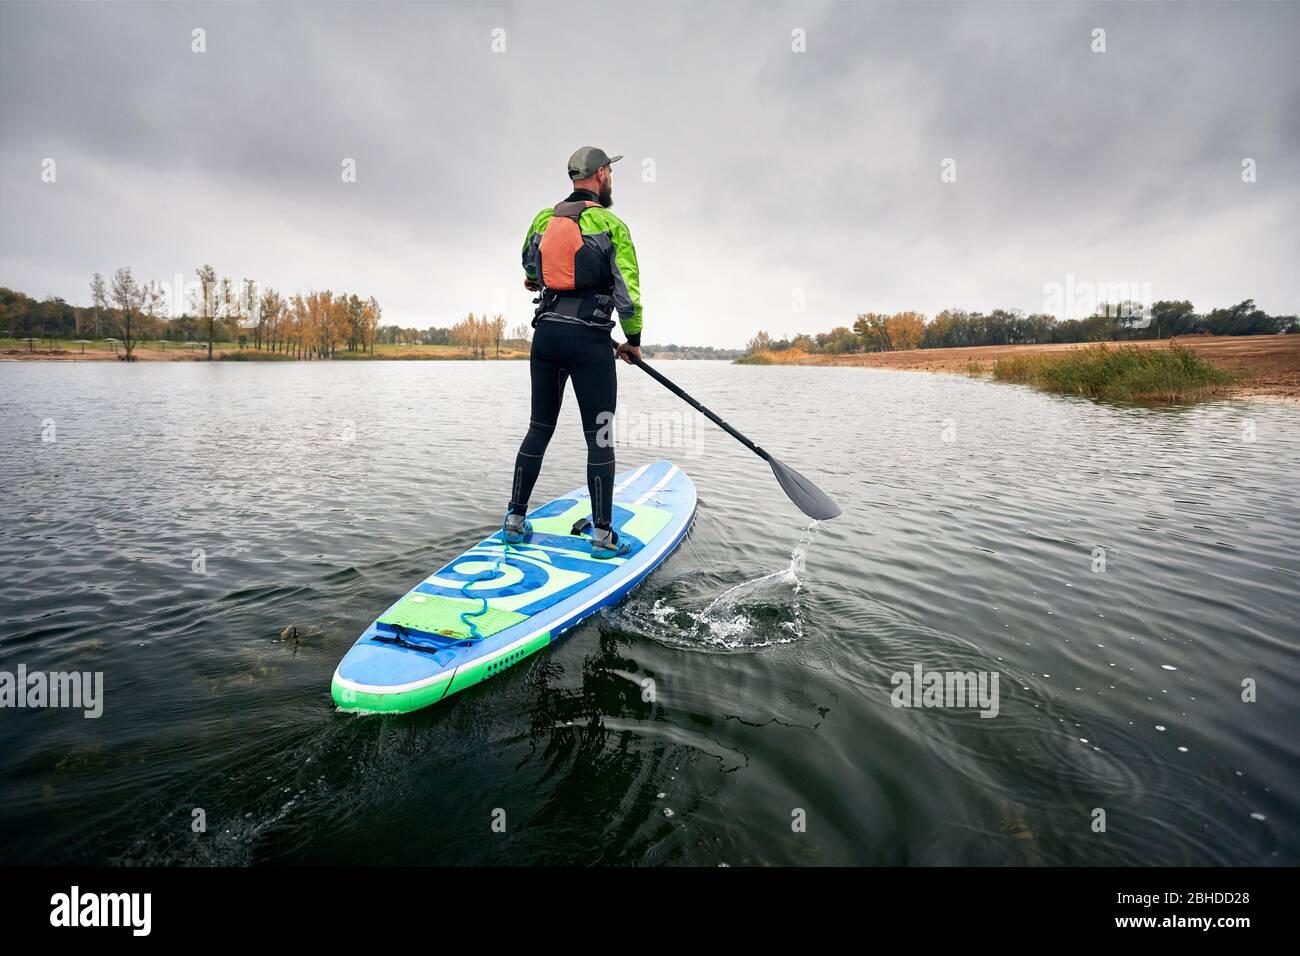 Athlet im Neoprenanzug auf paddleboard Erkundung der See bei kaltem Wetter gegen bewölkten Himmel Stockfoto